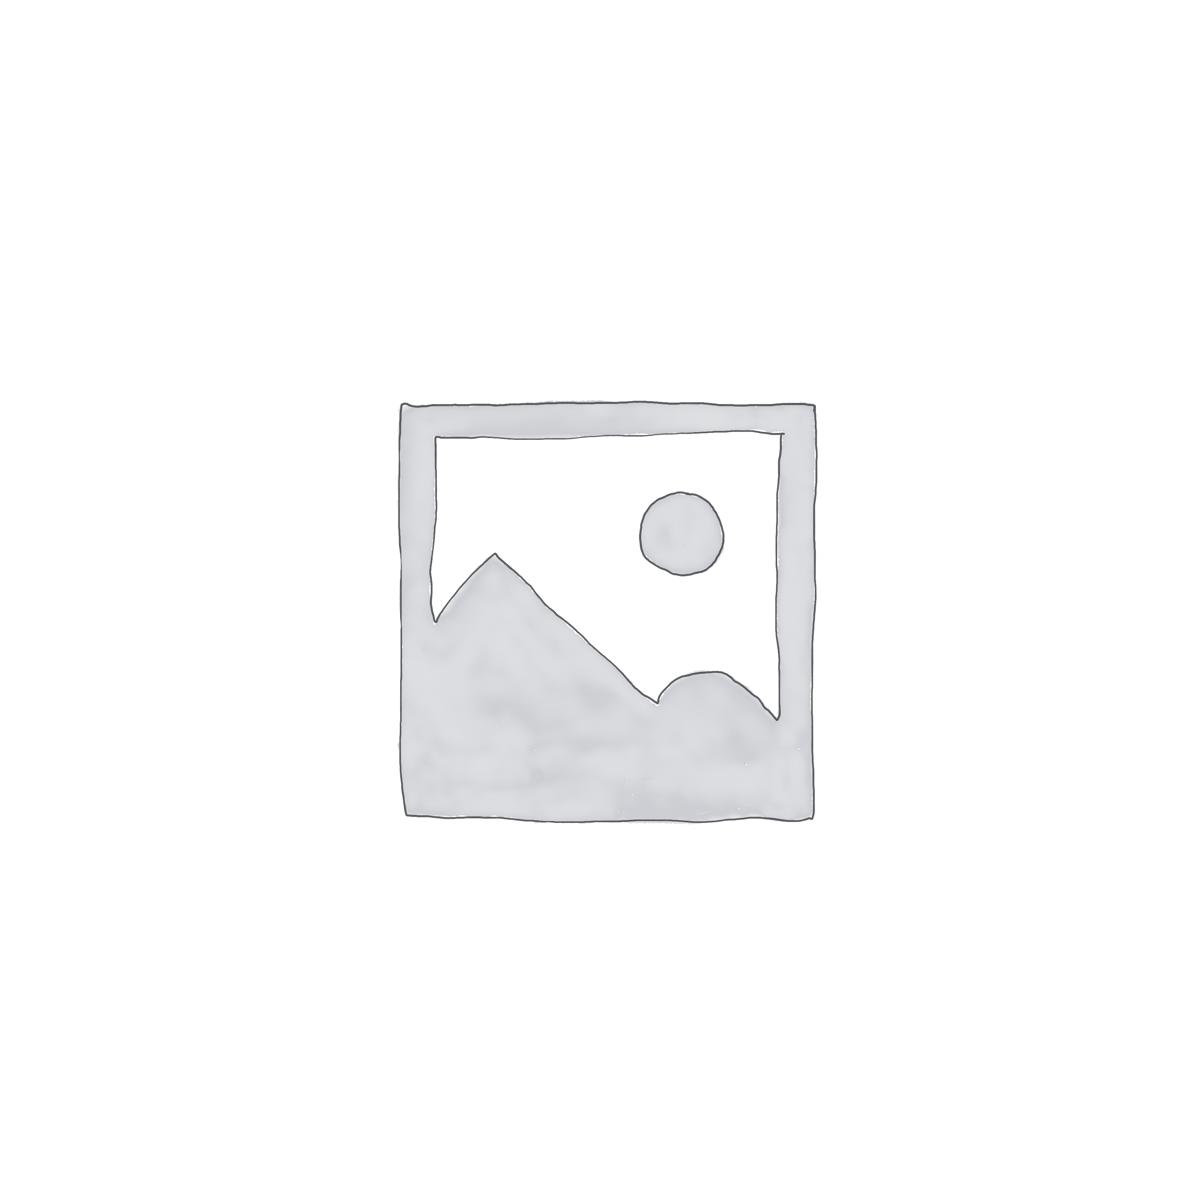 iPhone 7 Ricondizionato – 128GB – Grado B – RED